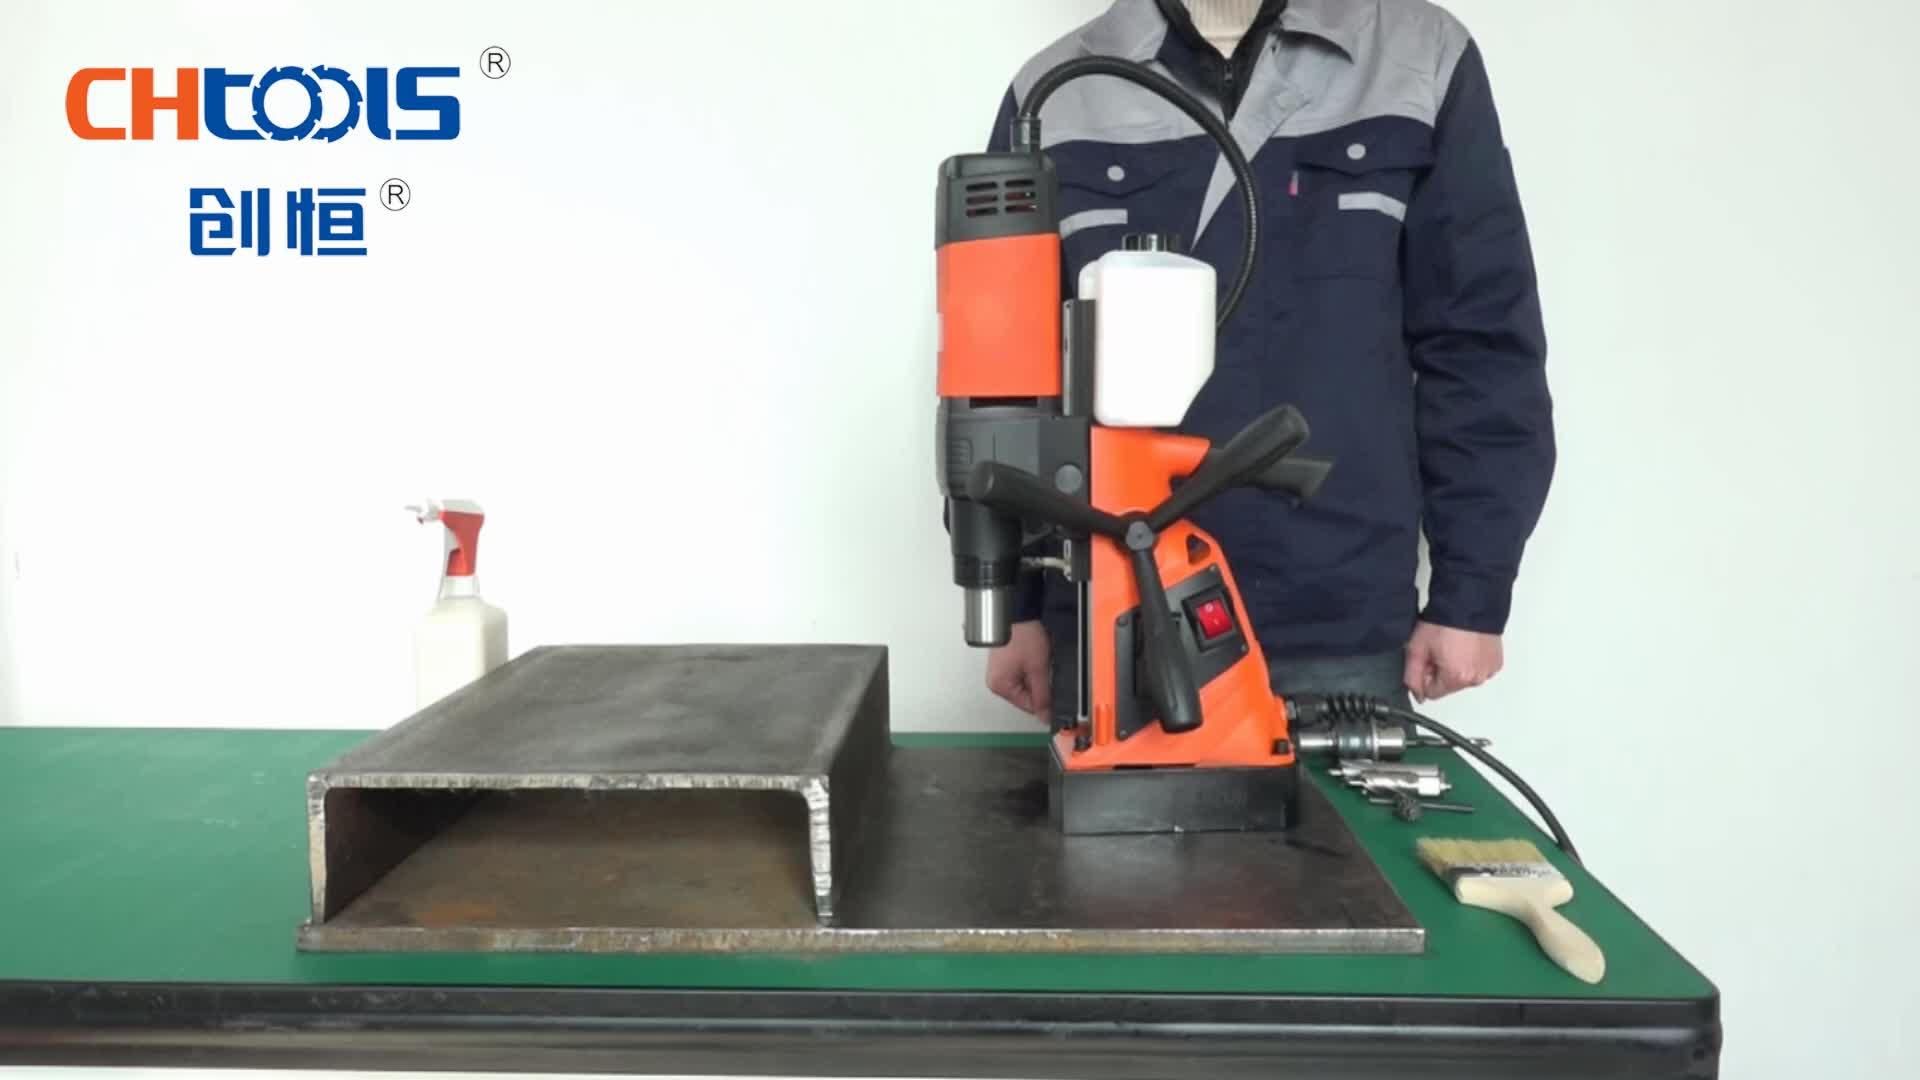 कुंडलाकार कटर छोटे चुंबकीय आधार ड्रिल मशीन